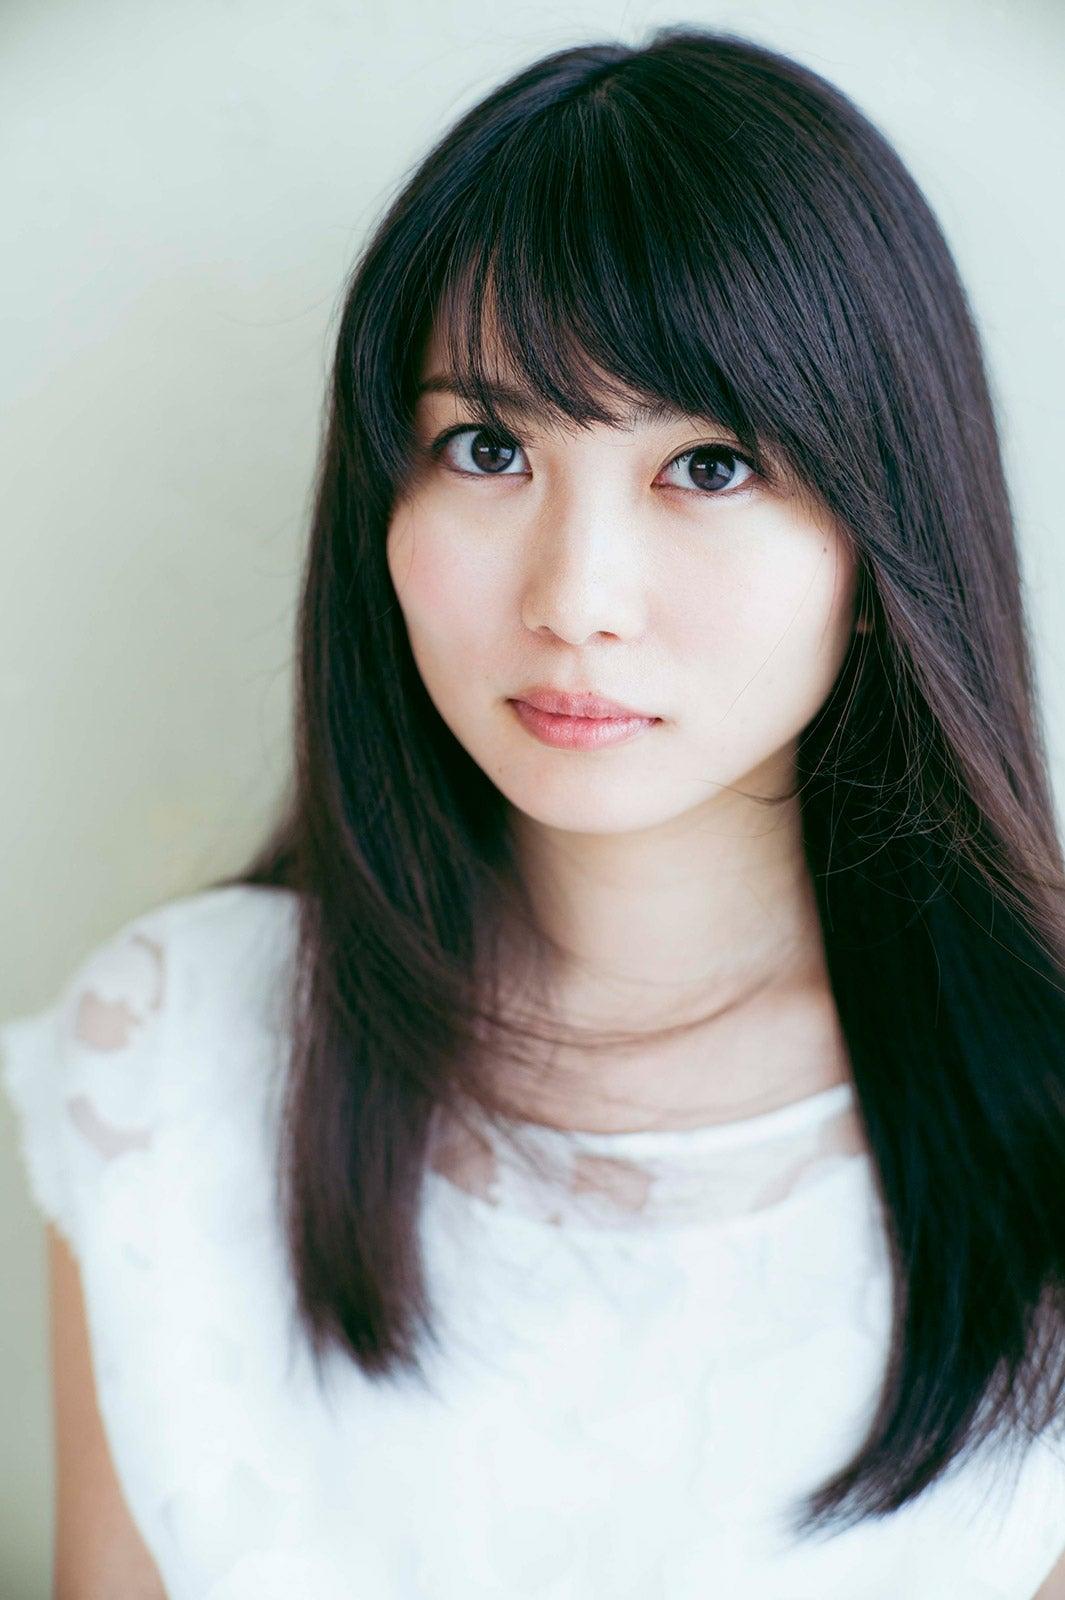 志田未来さんの画像その5